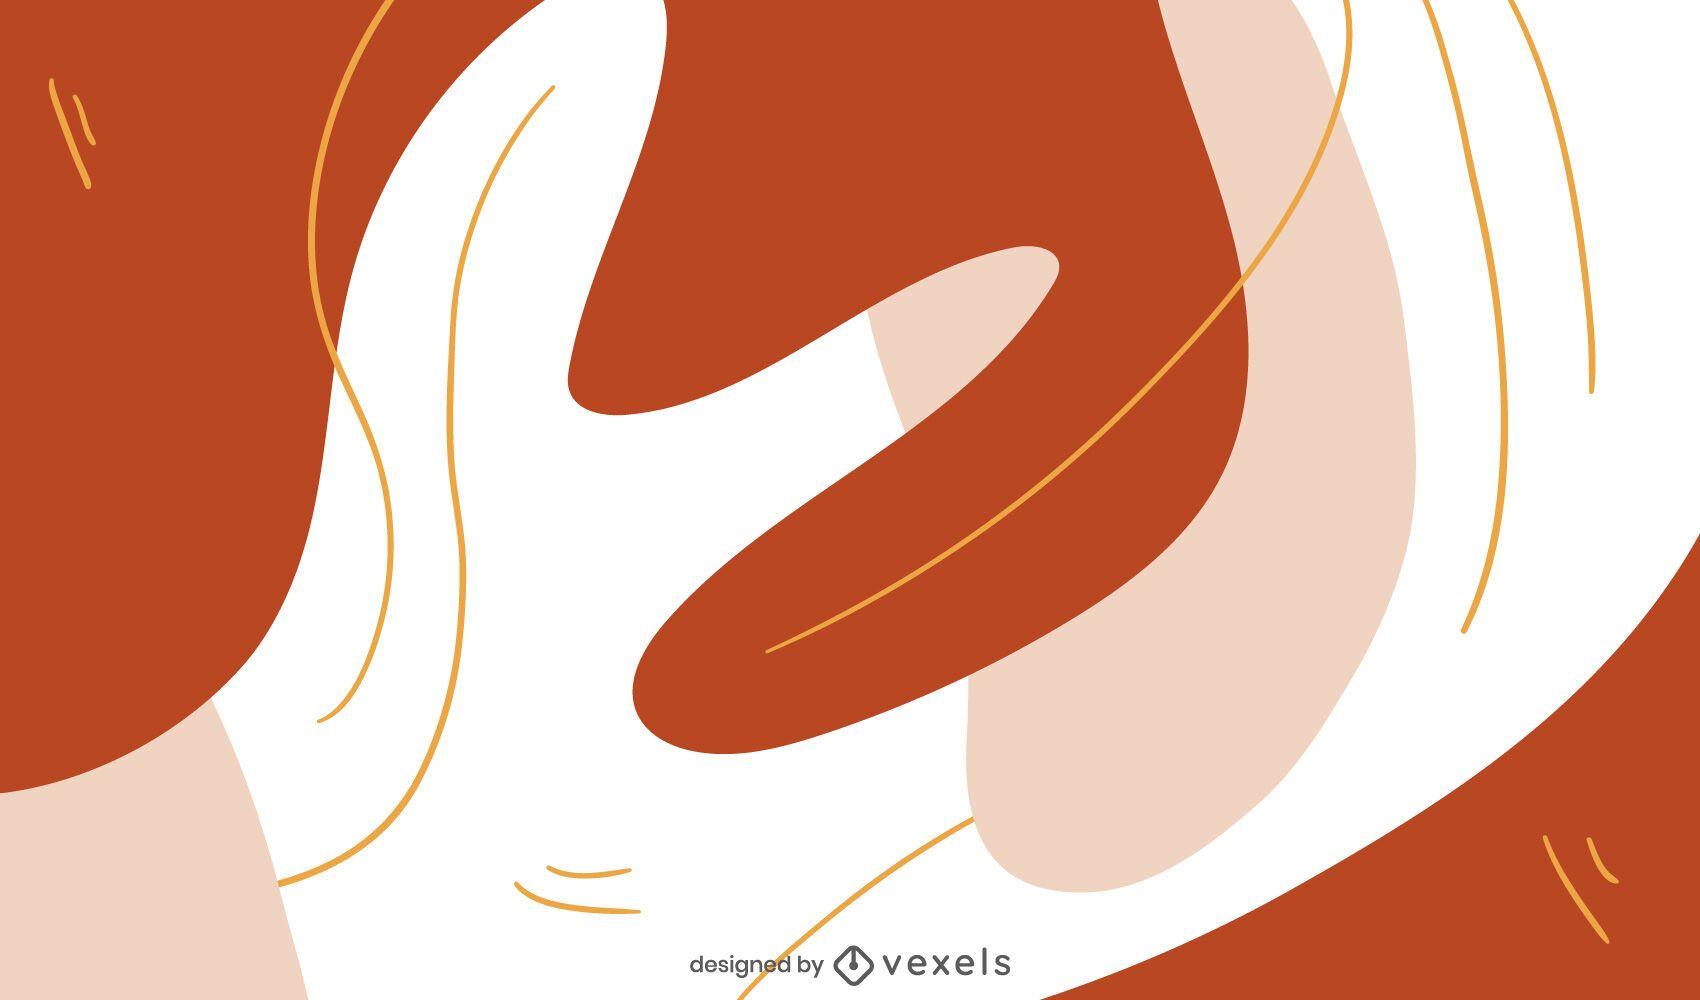 Diseño de fondo abstracto formas curvas